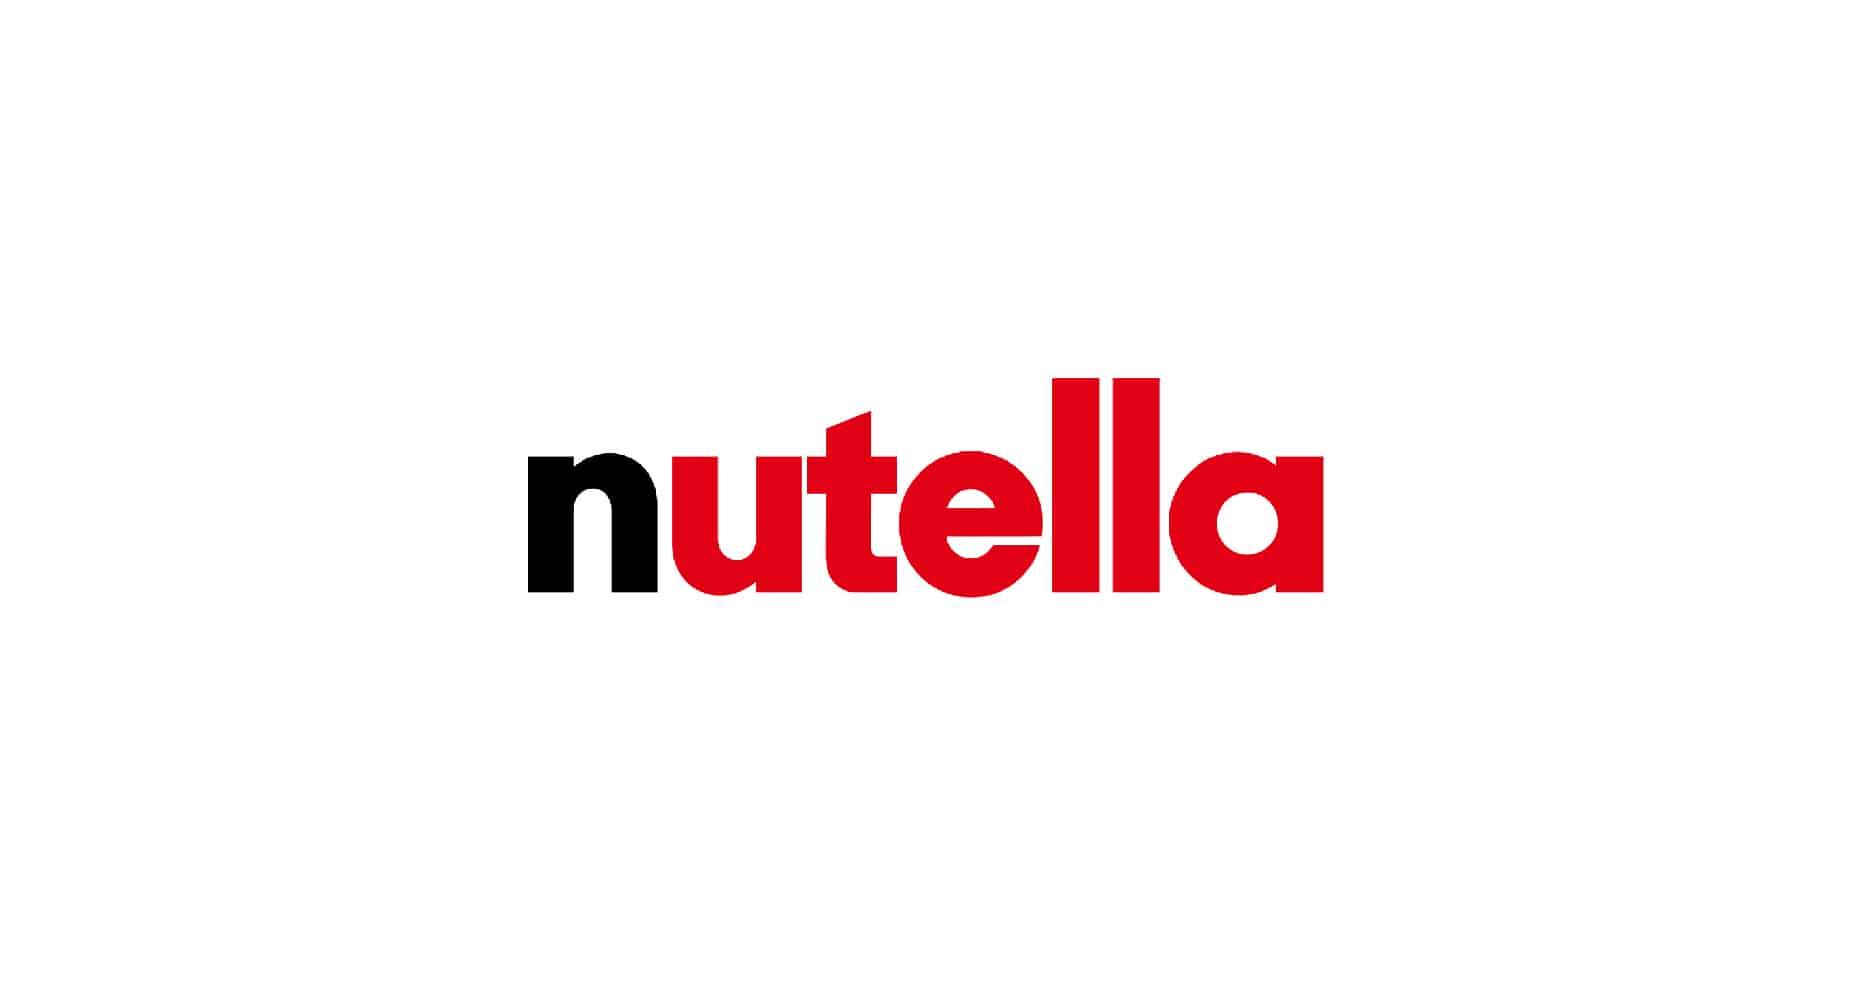 nutella logo design